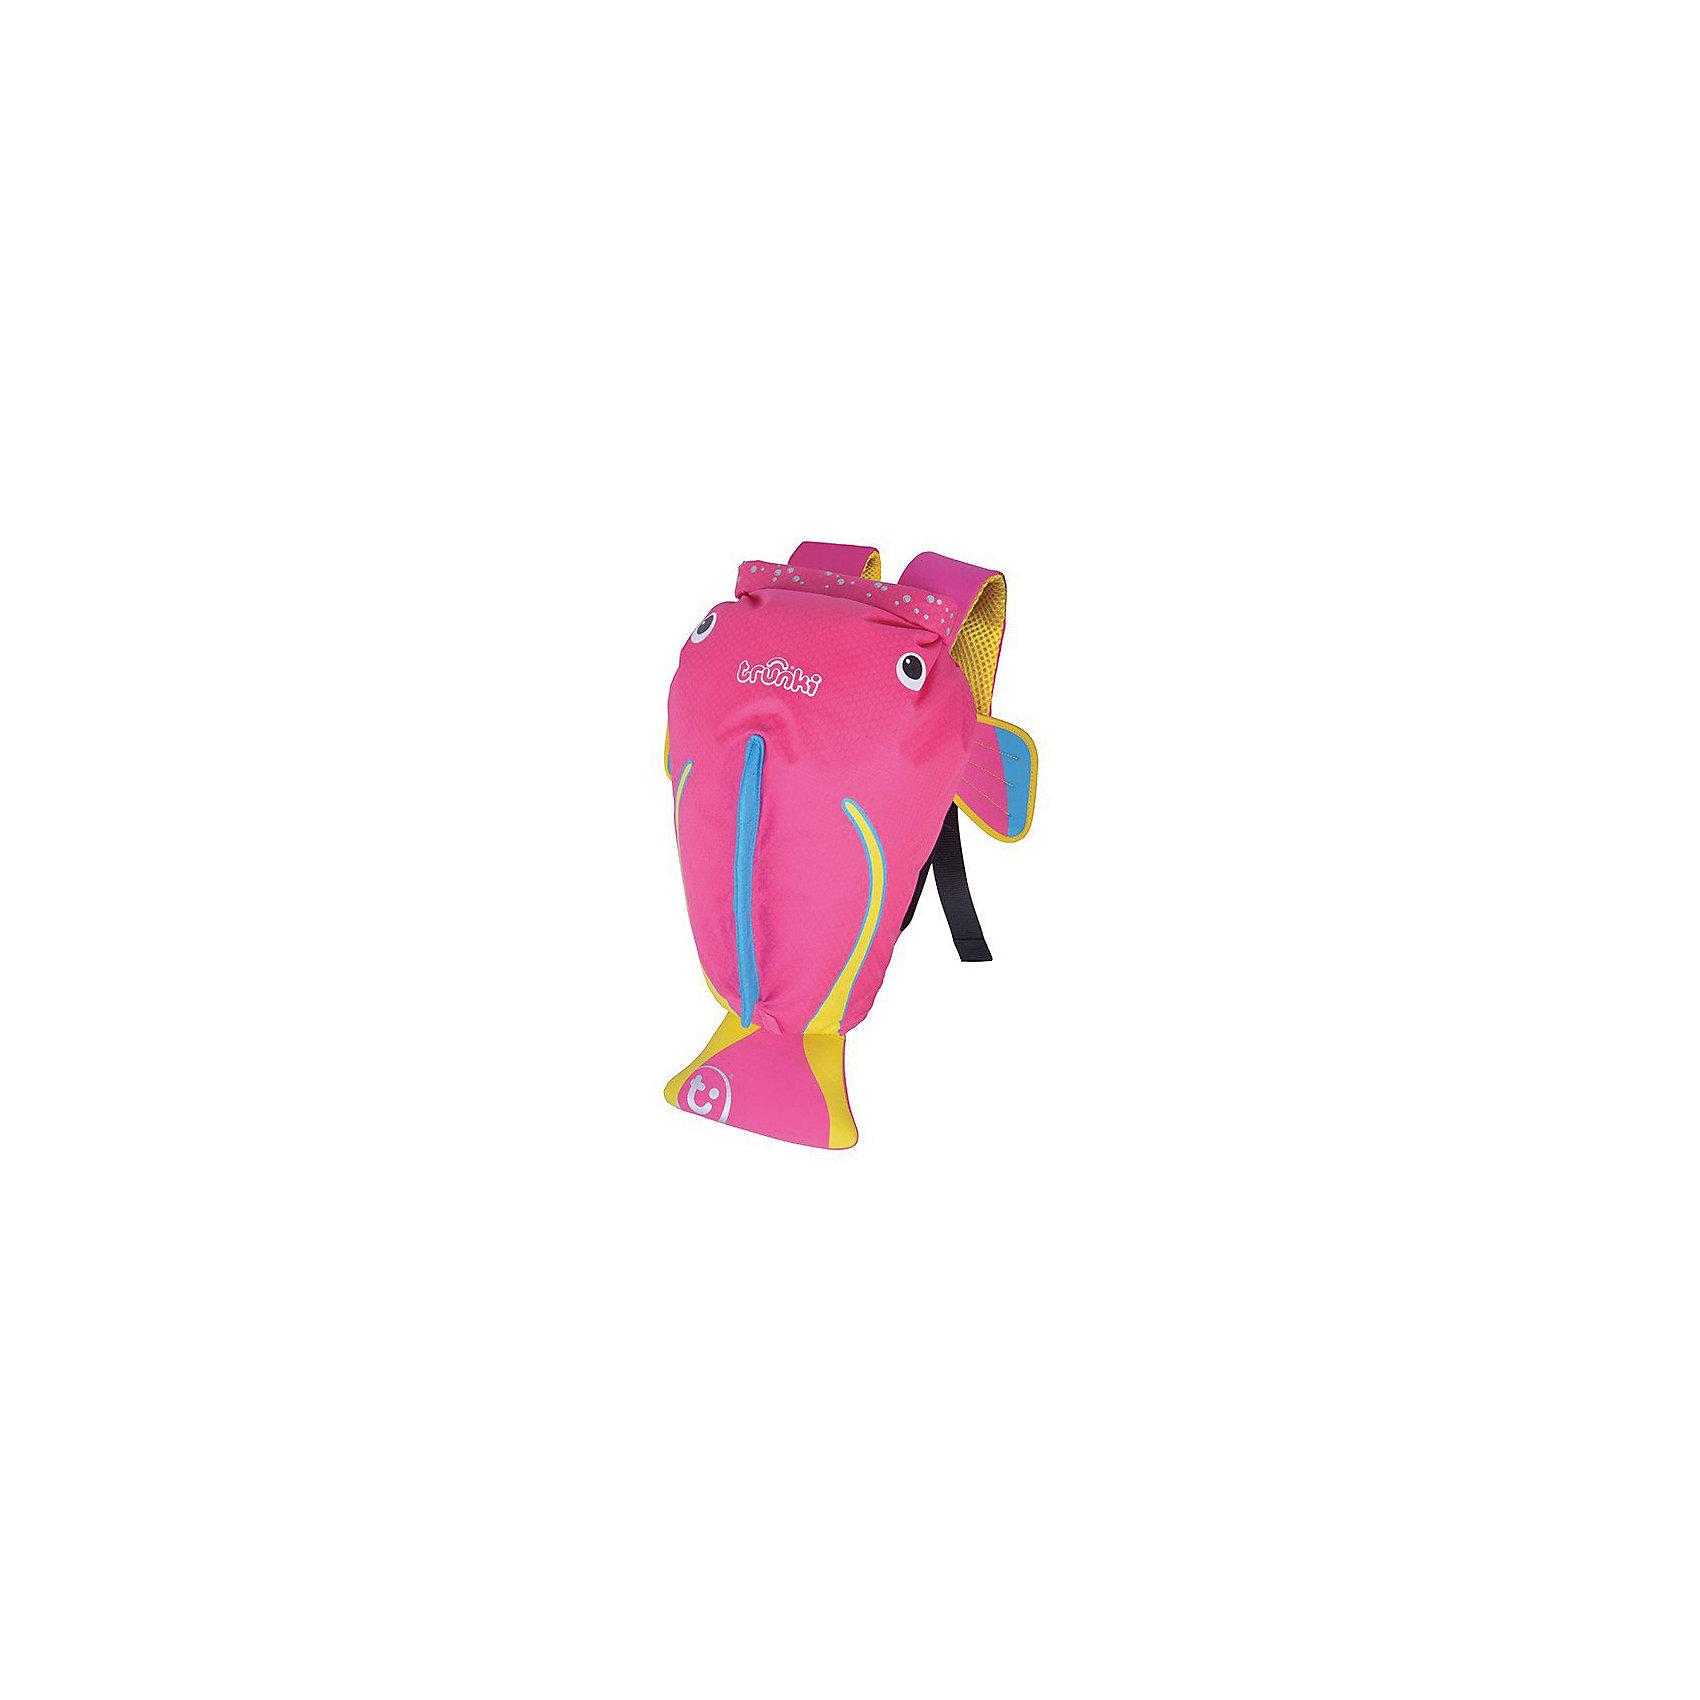 Рюкзак для бассейна и пляжа Коралловая рыбкаДетские рюкзаки<br>Характеристики товара:<br><br>• возраст от 3 лет;<br>• материал: пластик, полиэстер;<br>• объем рюкзака 7,5 литров;<br>• размер рюкзака 37х29х17 см;<br>• вес 300 гр.;<br>• страна производитель: Китай.<br><br>Рюкзак для бассейна и пляжа «Коралловая рыбка» Trunki выполнен в виде забавной рыбки с глазками, плавниками и хвостиком. В рюкзак поместятся все необходимые вещи для бассейна или пляжного отдыха. Рюкзак выполнен из водонепроницаемой ткани, поэтому все его содержимое не намокает. Плотная спинка и мягкие широкие лямки обеспечивают комфортное ношение. На спинке предусмотрен сетчатый материал для вентиляции воздуха, который не дает ребенку потеть в жаркую погоду. При помощи держателя Trunki Grip на рюкзак крепятся солнцезащитные очки. Небольшой кармашек в хвосте позволит хранить необходимые мелочи, ключи. Светоотражающие вставки на рюкзаке гарантируют видимость в темное время суток. <br><br>Рюкзак для бассейна и пляжа «Коралловая рыбка» Trunki можно приобрести в нашем интернет-магазине.<br><br>Ширина мм: 290<br>Глубина мм: 170<br>Высота мм: 370<br>Вес г: 300<br>Возраст от месяцев: 36<br>Возраст до месяцев: 2147483647<br>Пол: Унисекс<br>Возраст: Детский<br>SKU: 5509341